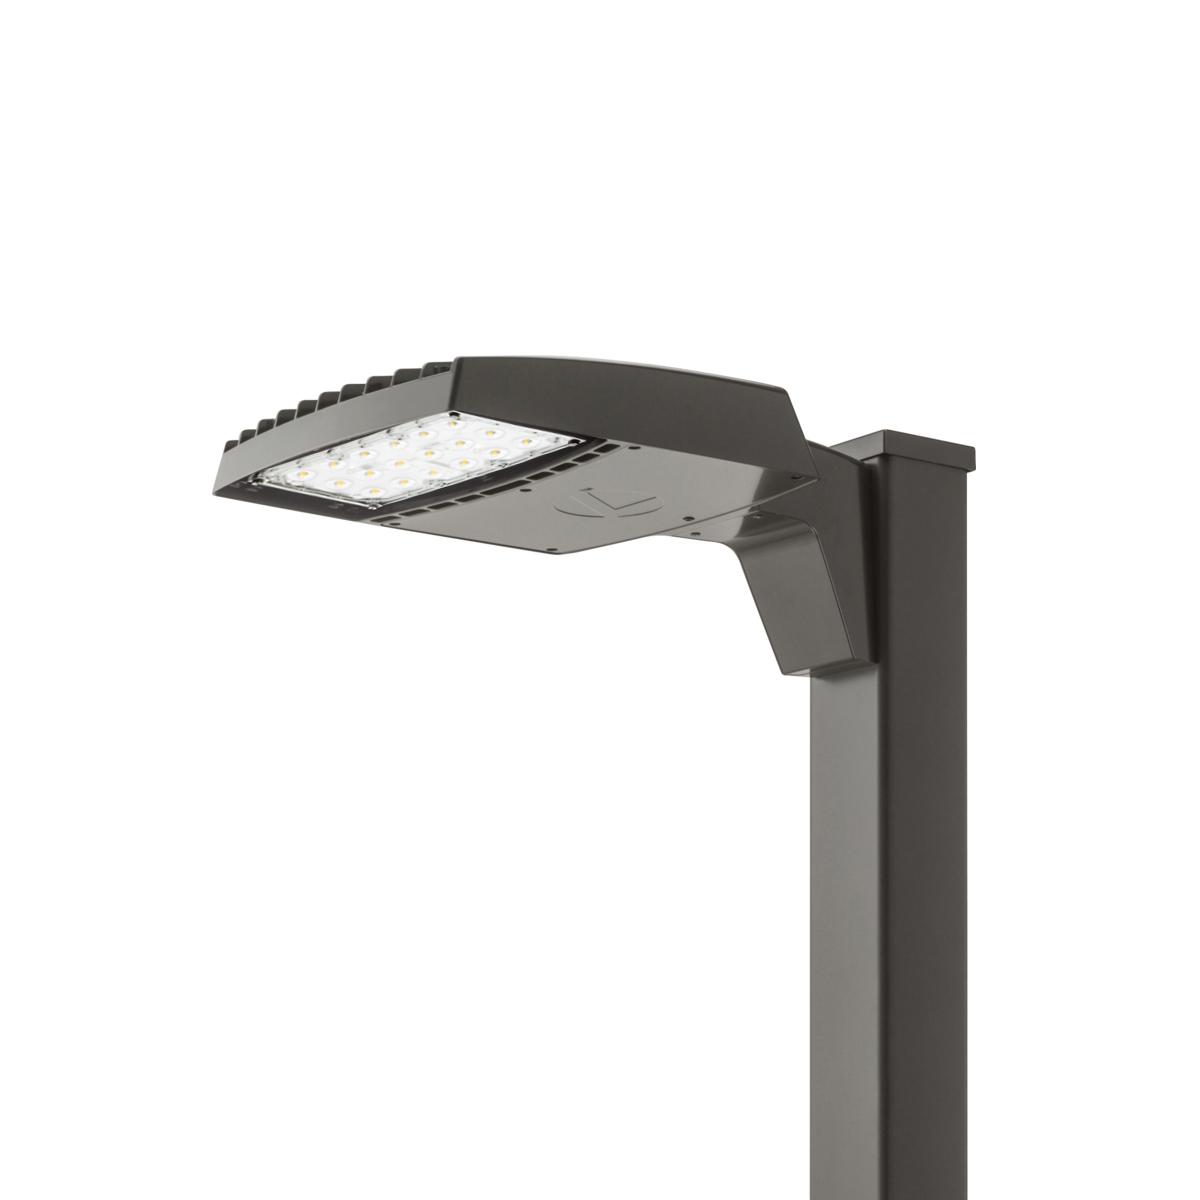 RSX1 LED Area Luminaire